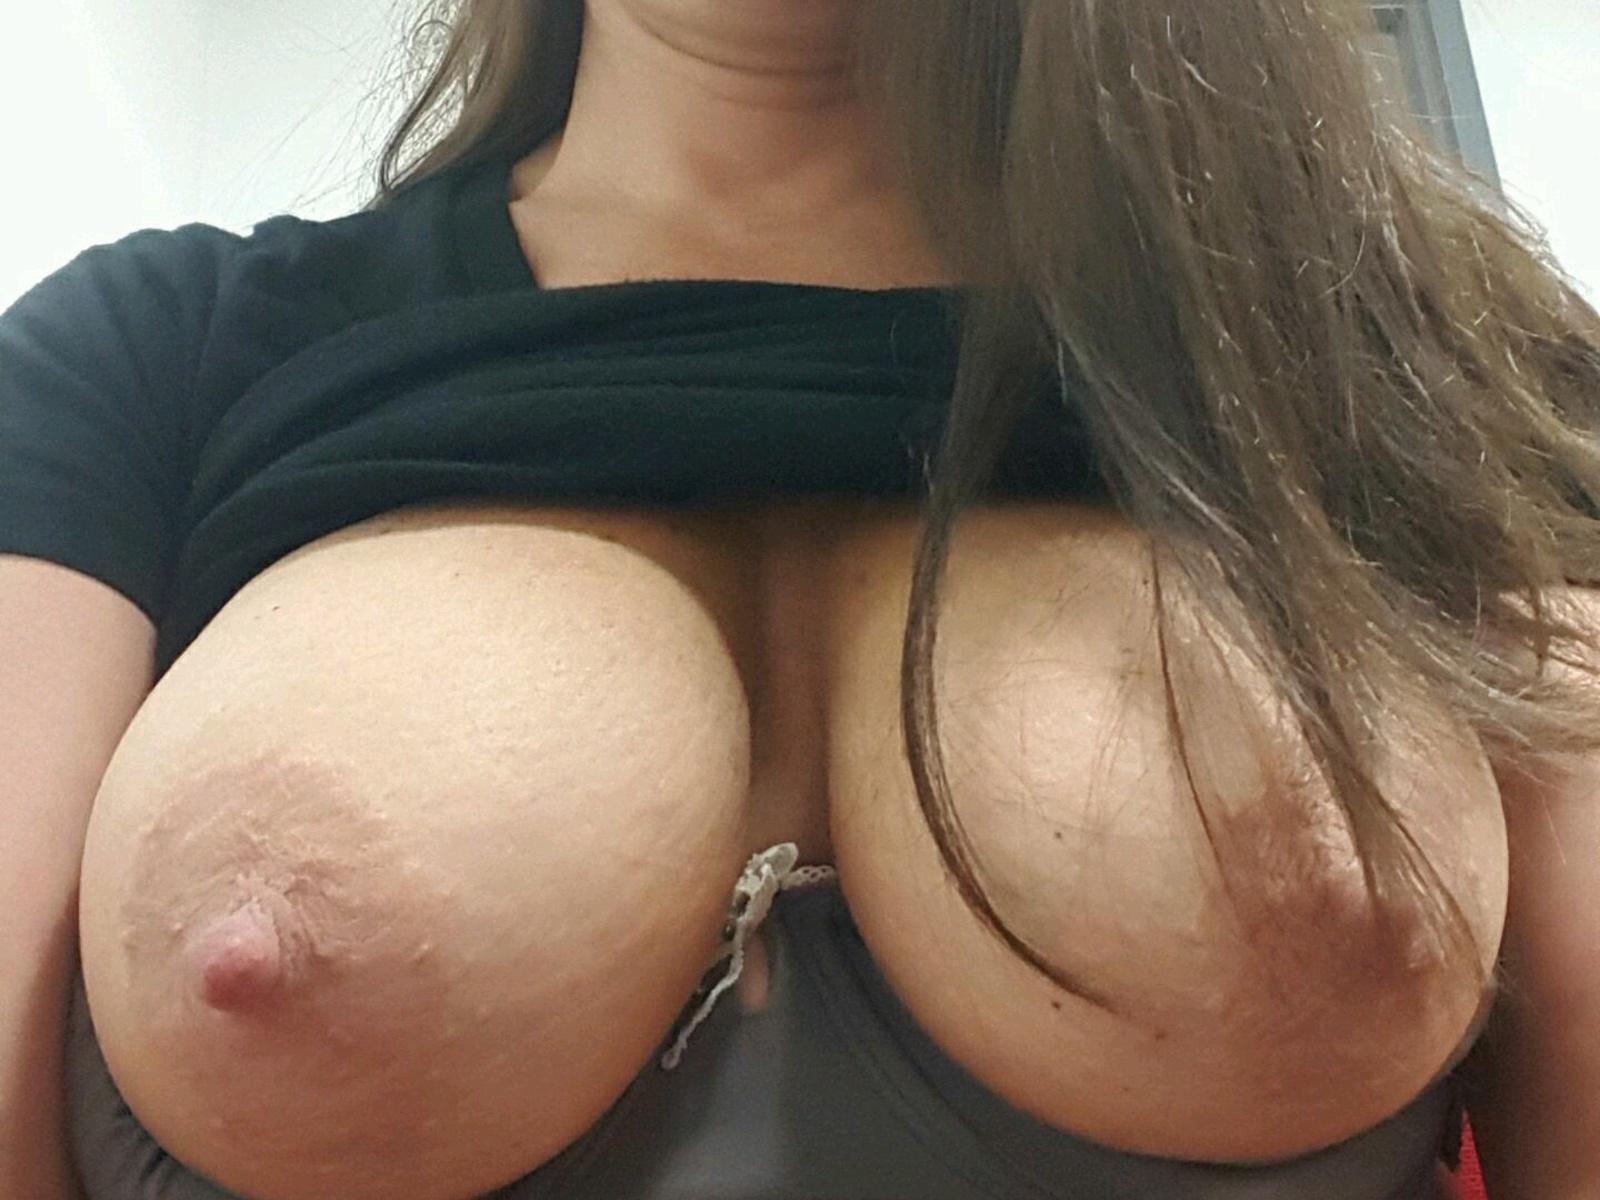 Jami gertz boob size